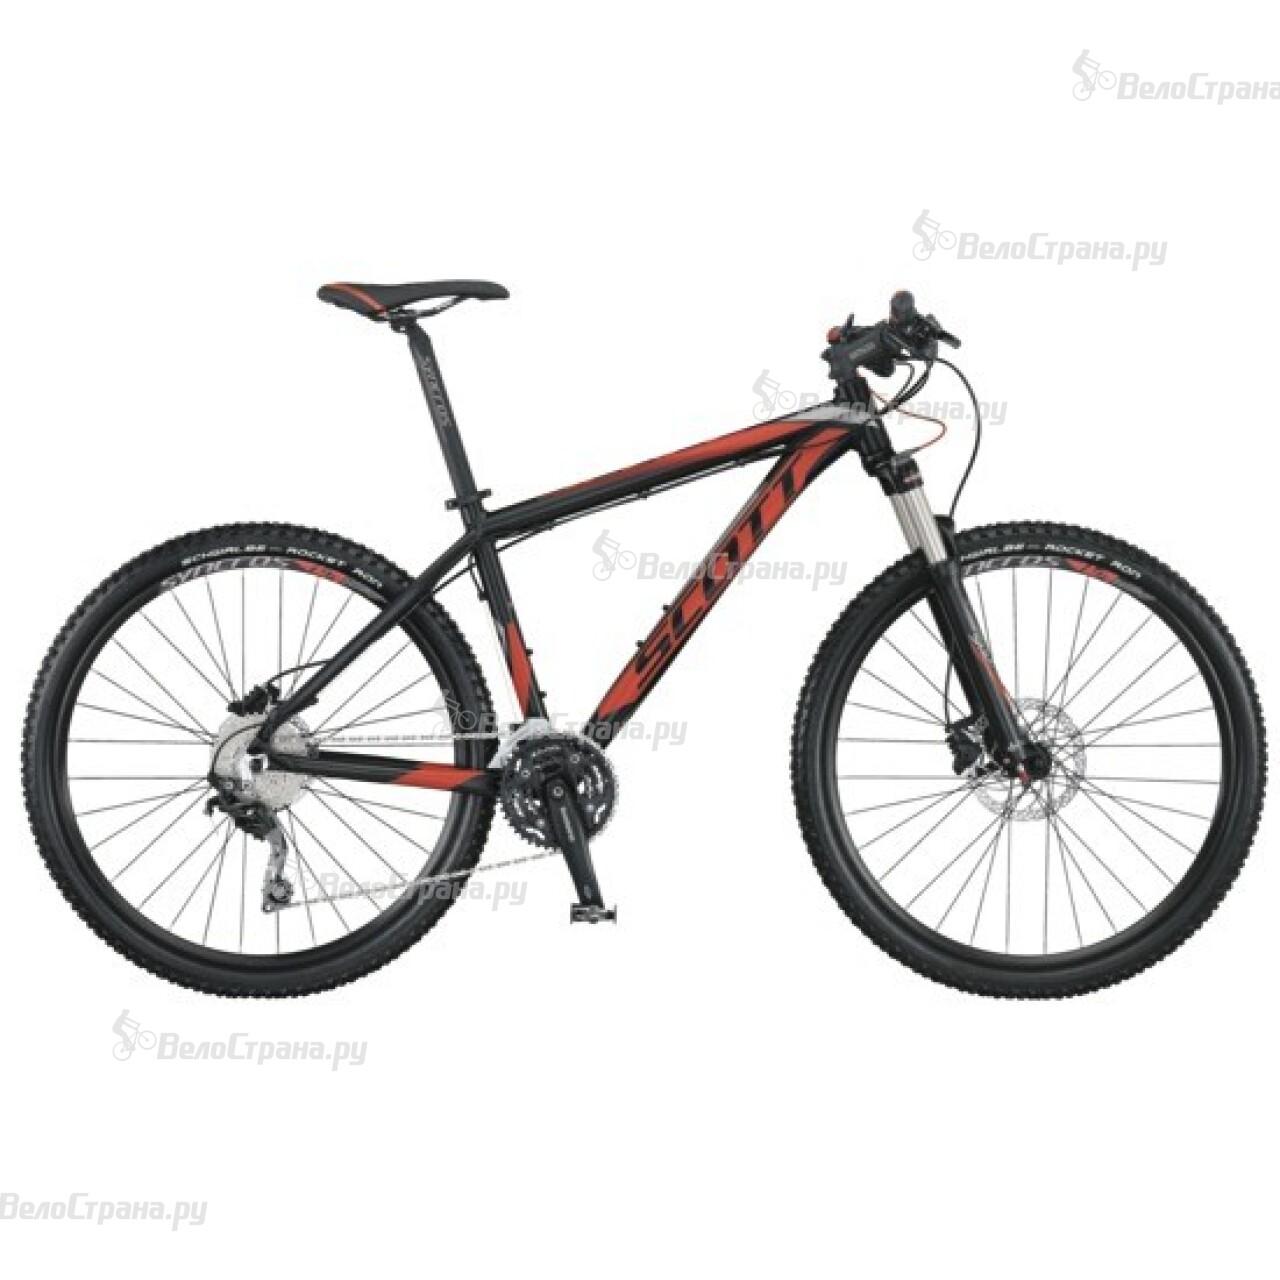 Велосипед Scott Scale 770 (2014)